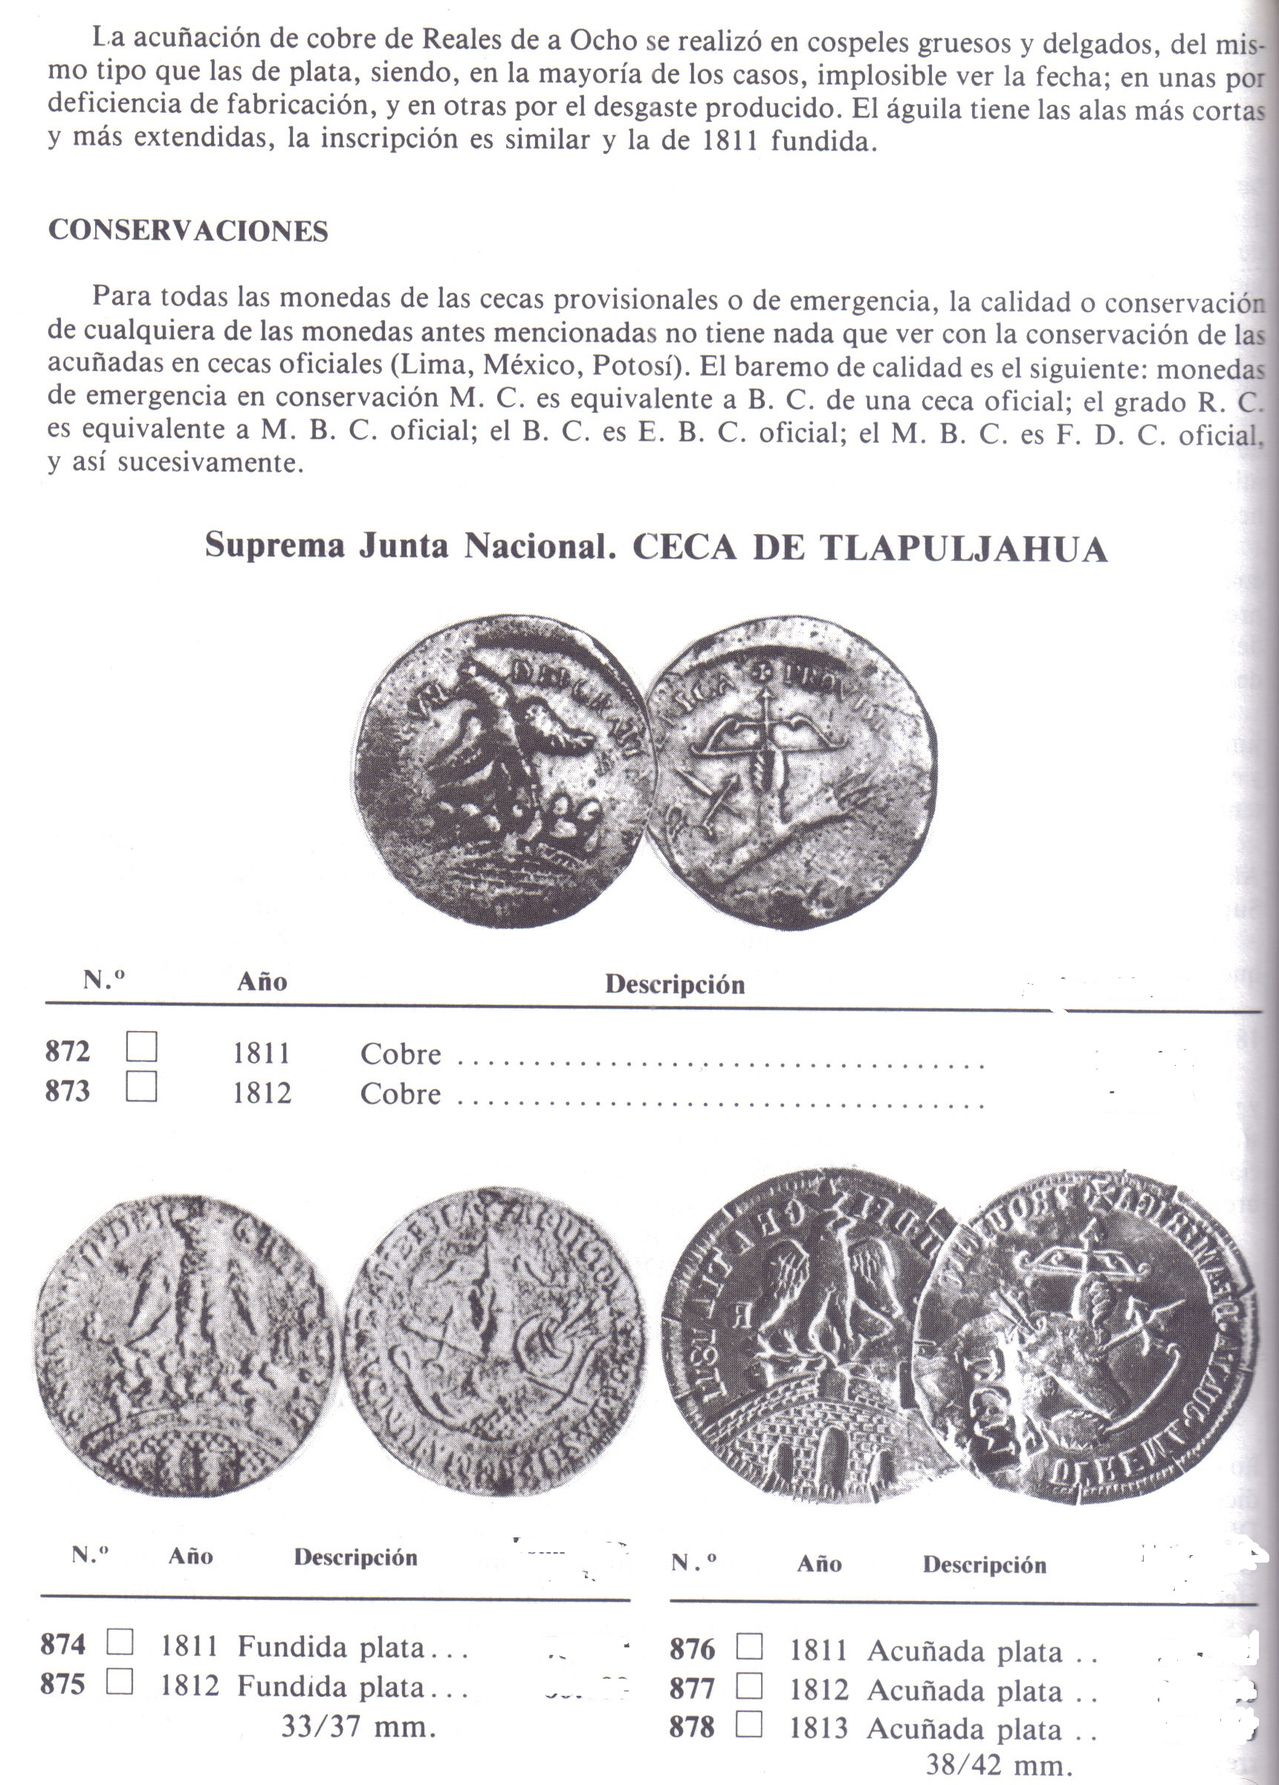 8 REALES FERNANDO VII 1811 ( CONGRESO SUPREMO NACIONAL )TLALPUJAUA MEX. - Página 2 Tla2